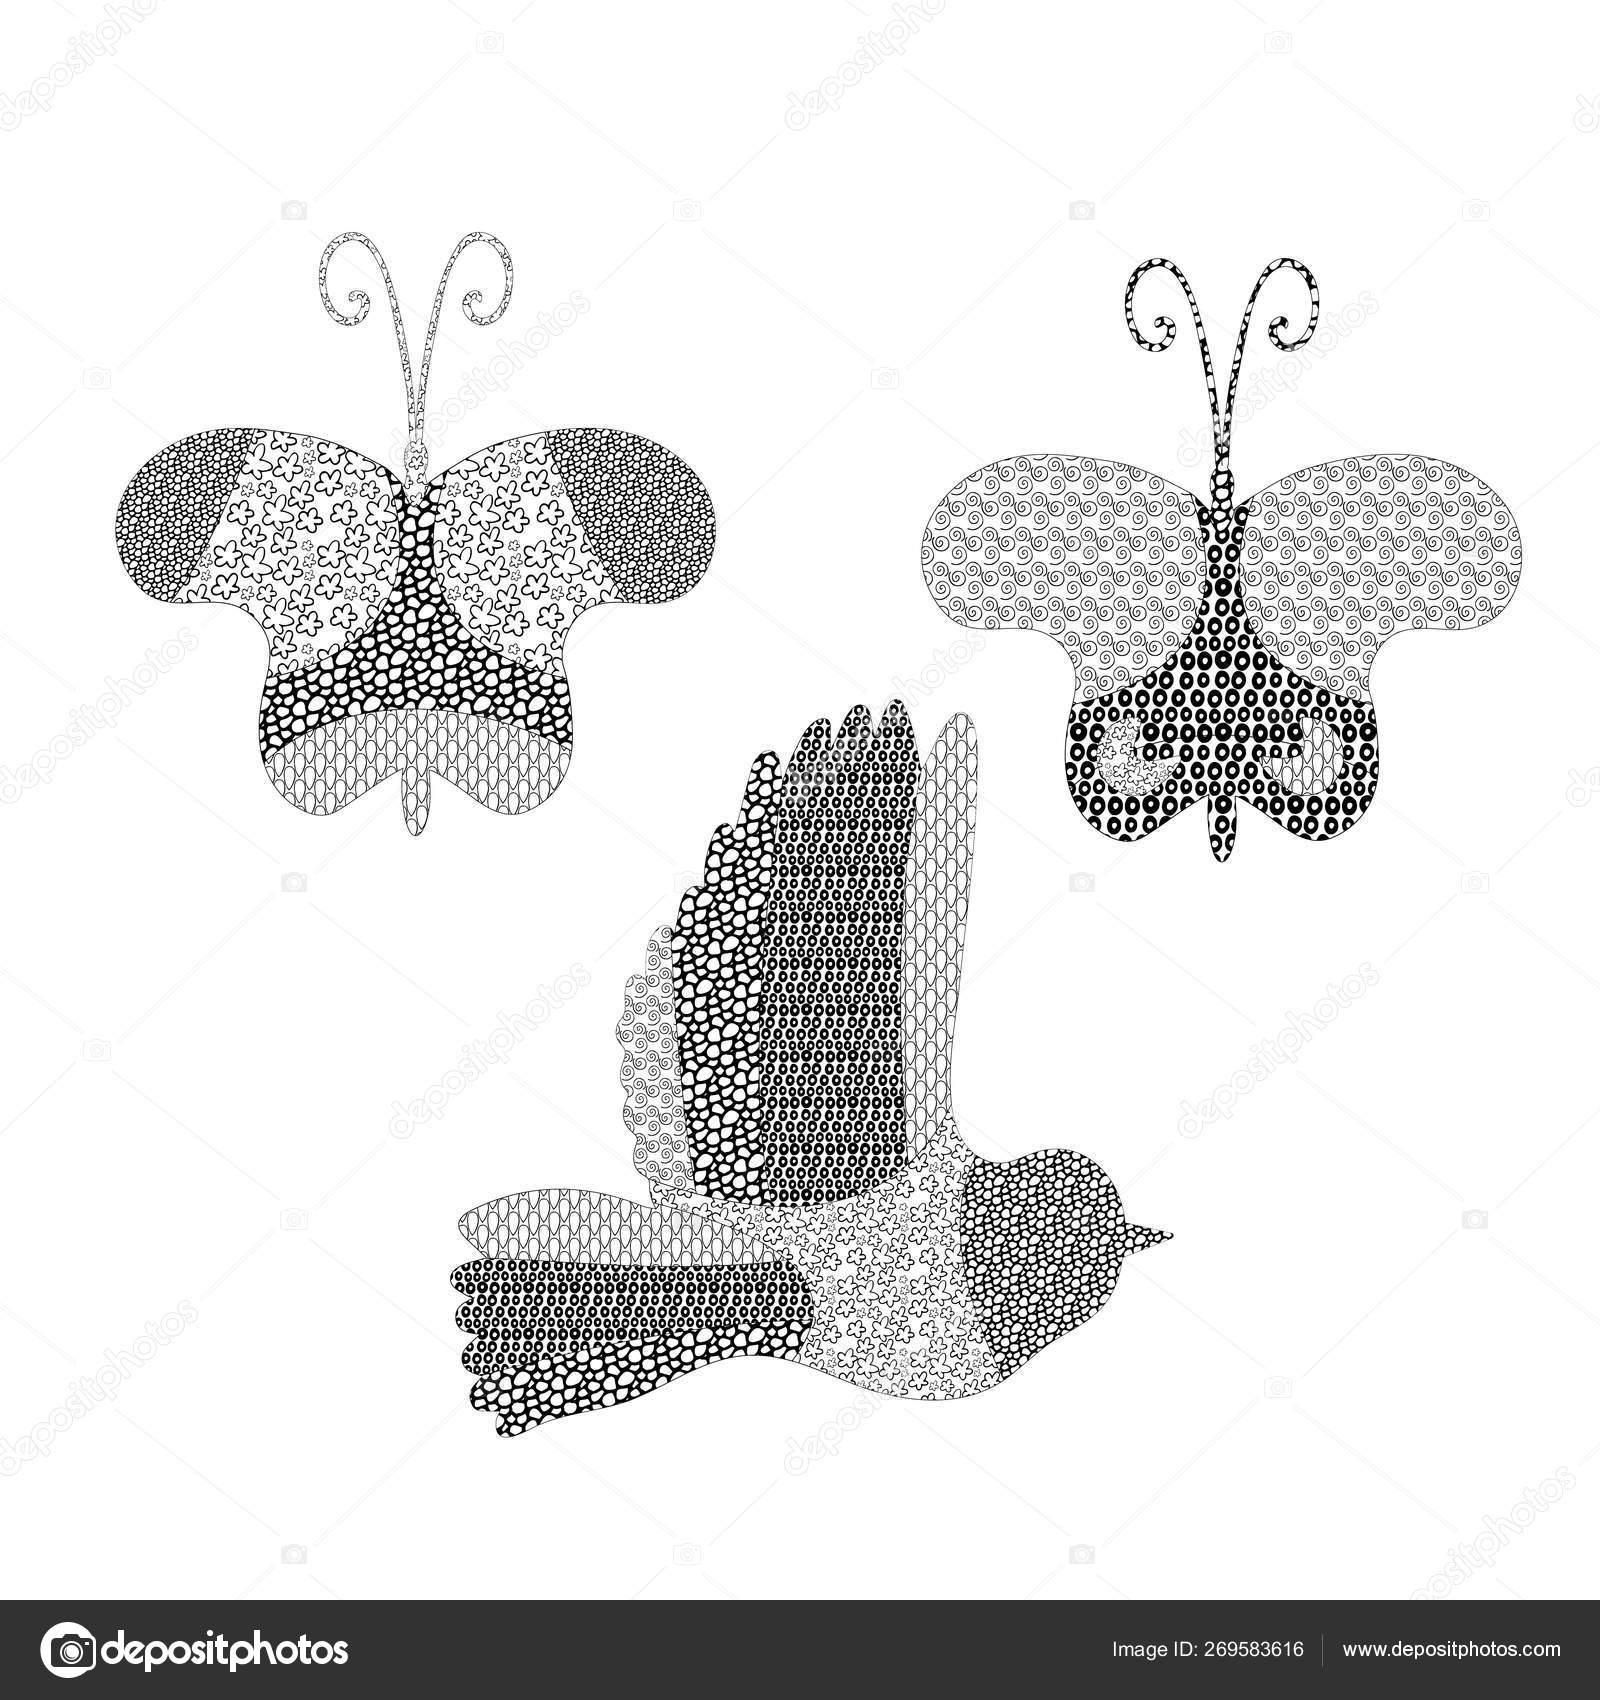 depositphotos stock illustration zenart animals isolated white background